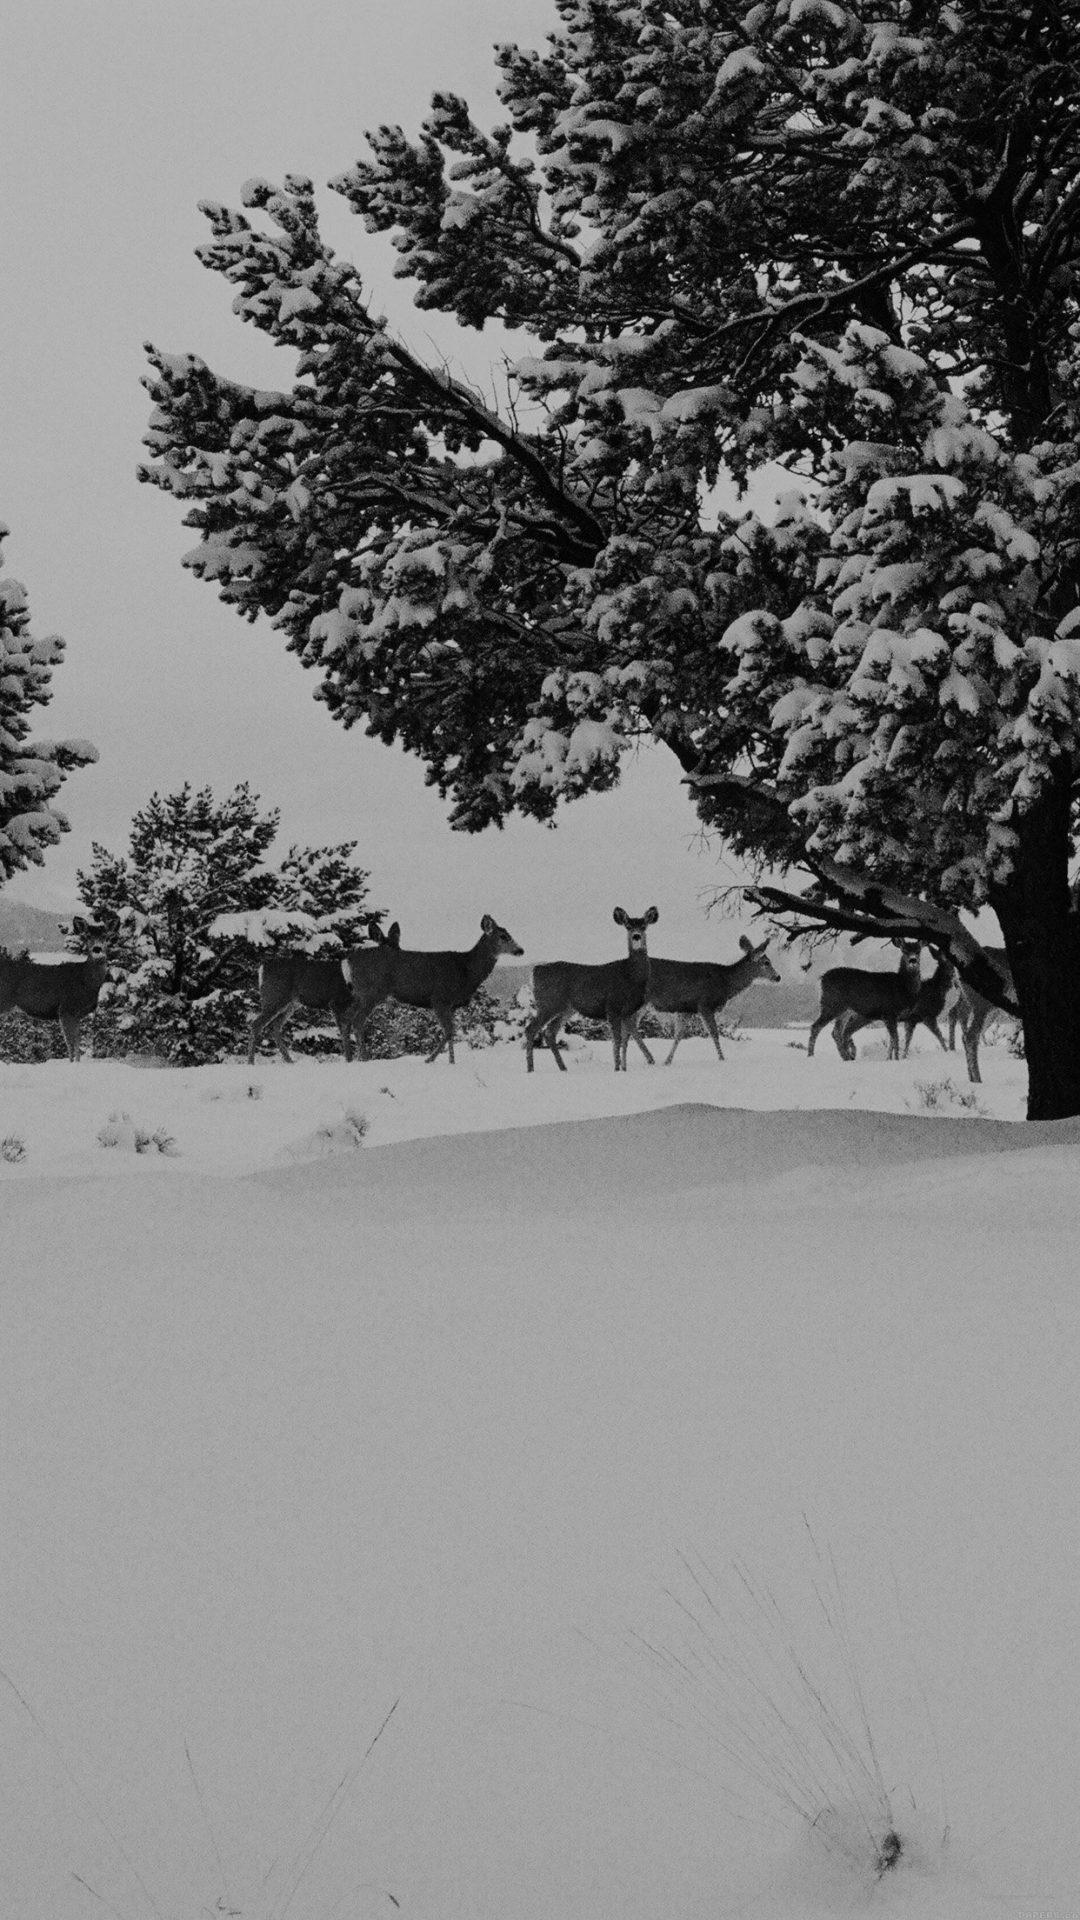 Snow Deer Winter Nature Animals